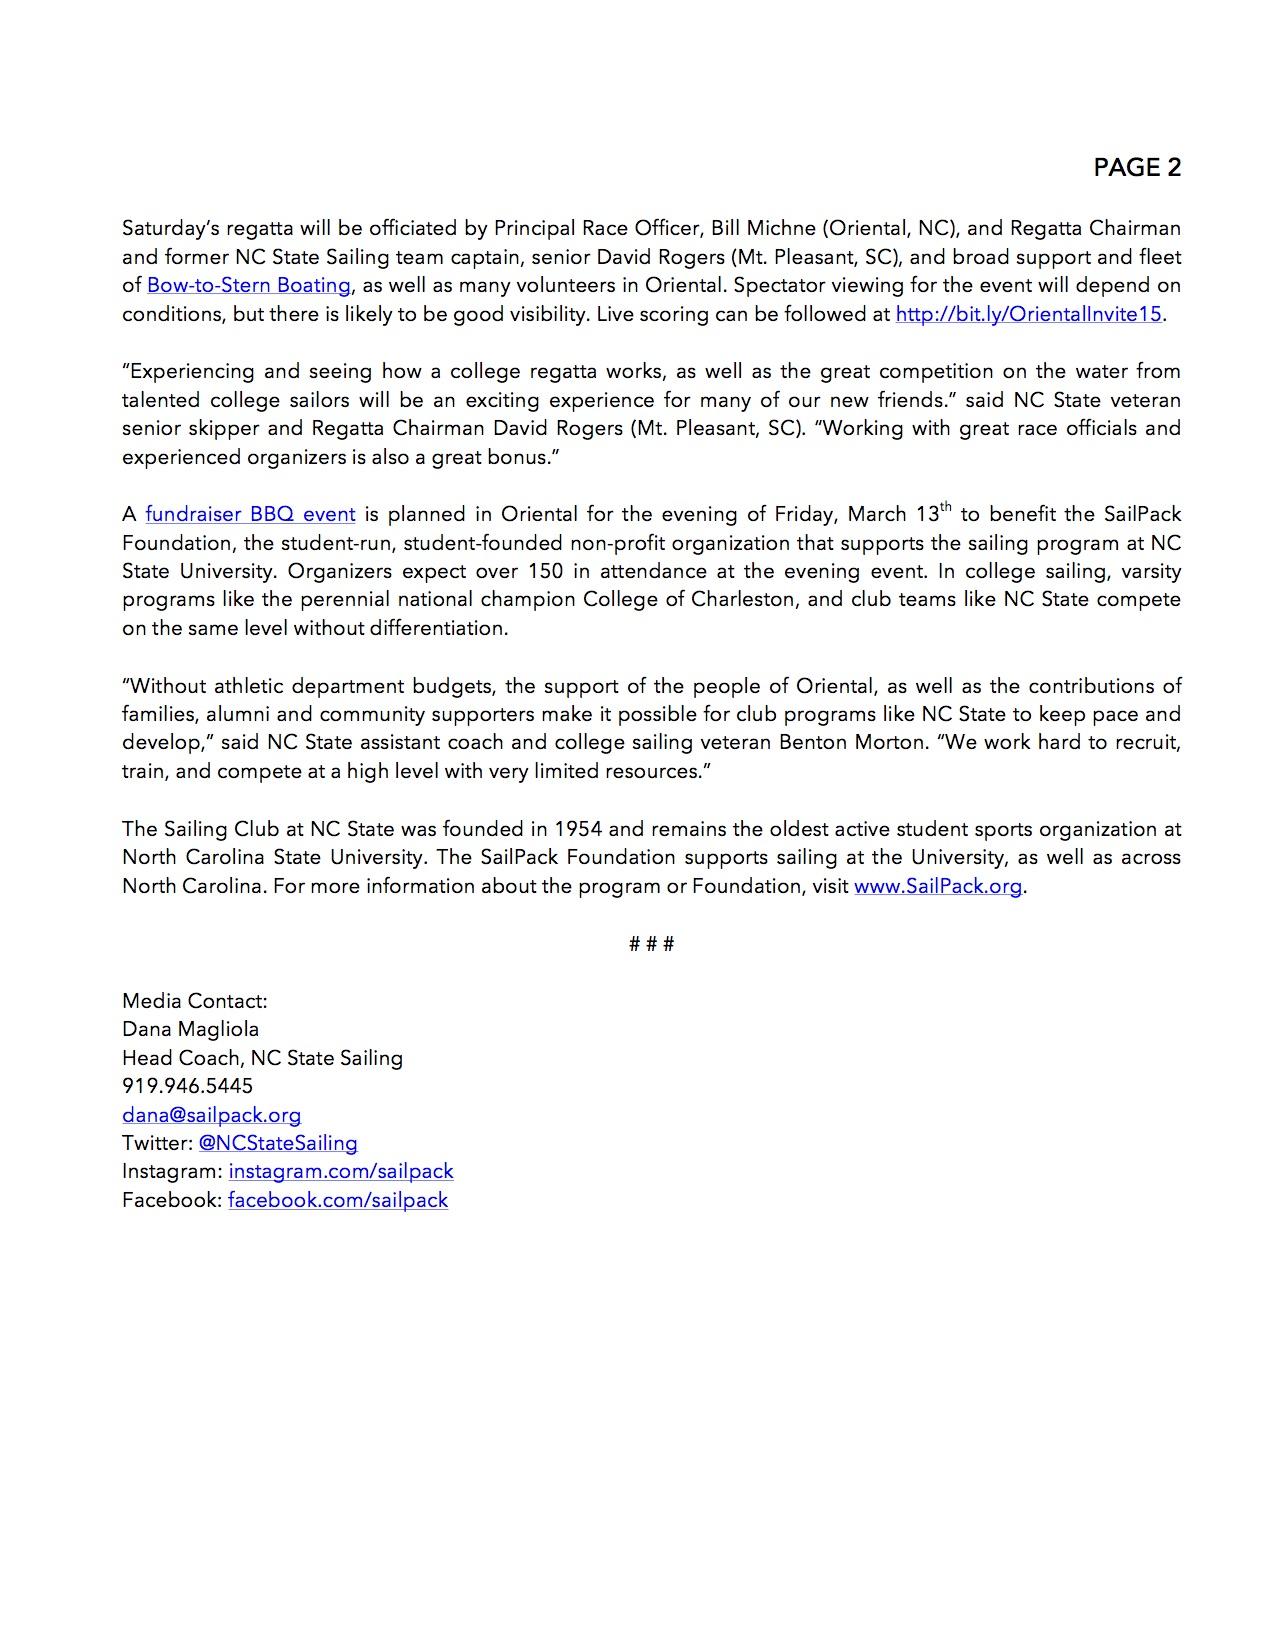 SailPack_Oriental_Press_Release_Pg_2(JPG).jpg